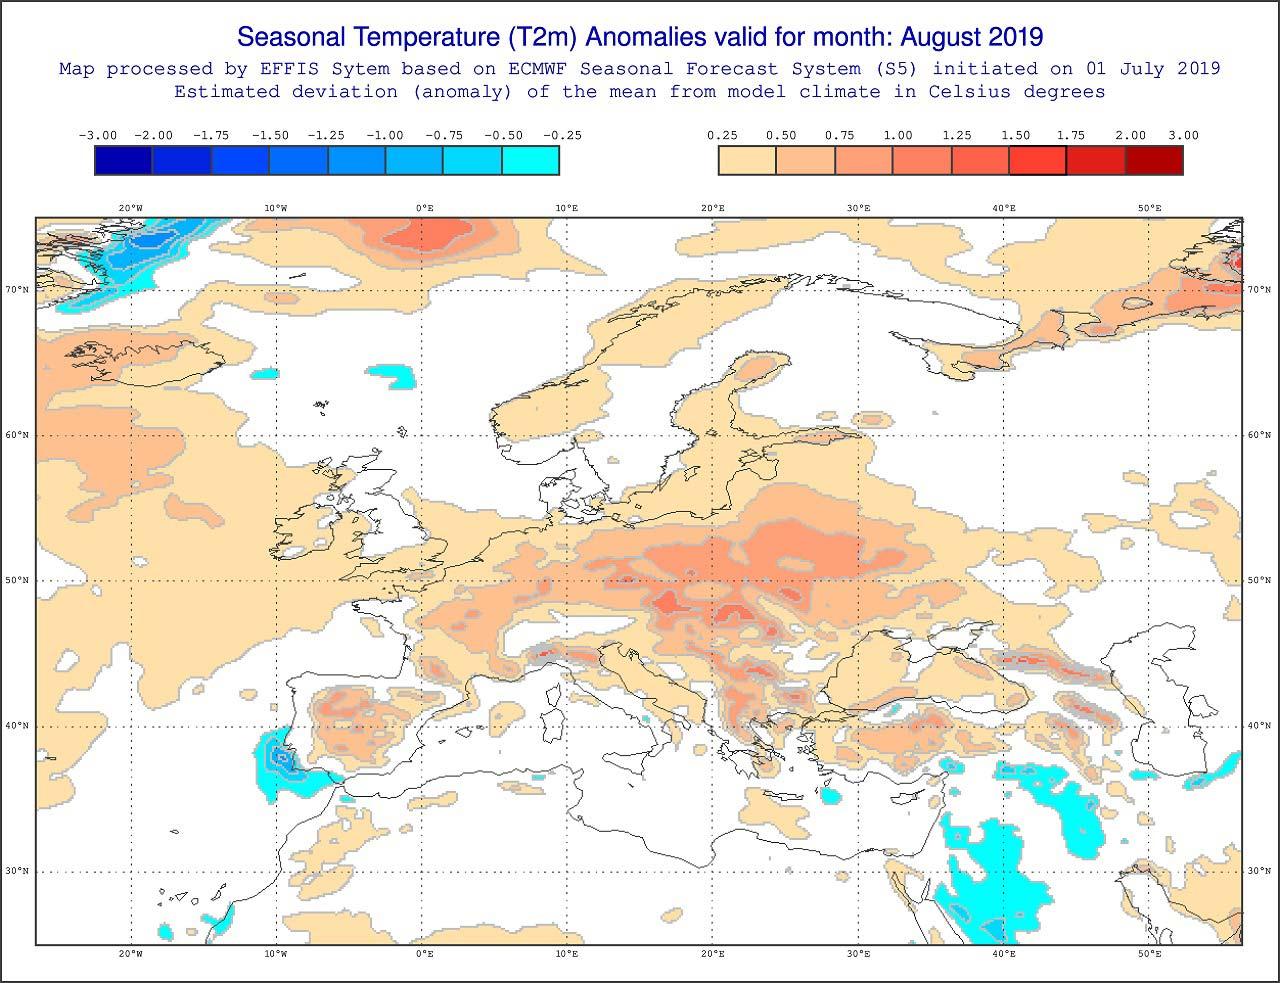 Tendenza meteo agosto 2019 - effis.jrc.ec.europa.eu.jpg